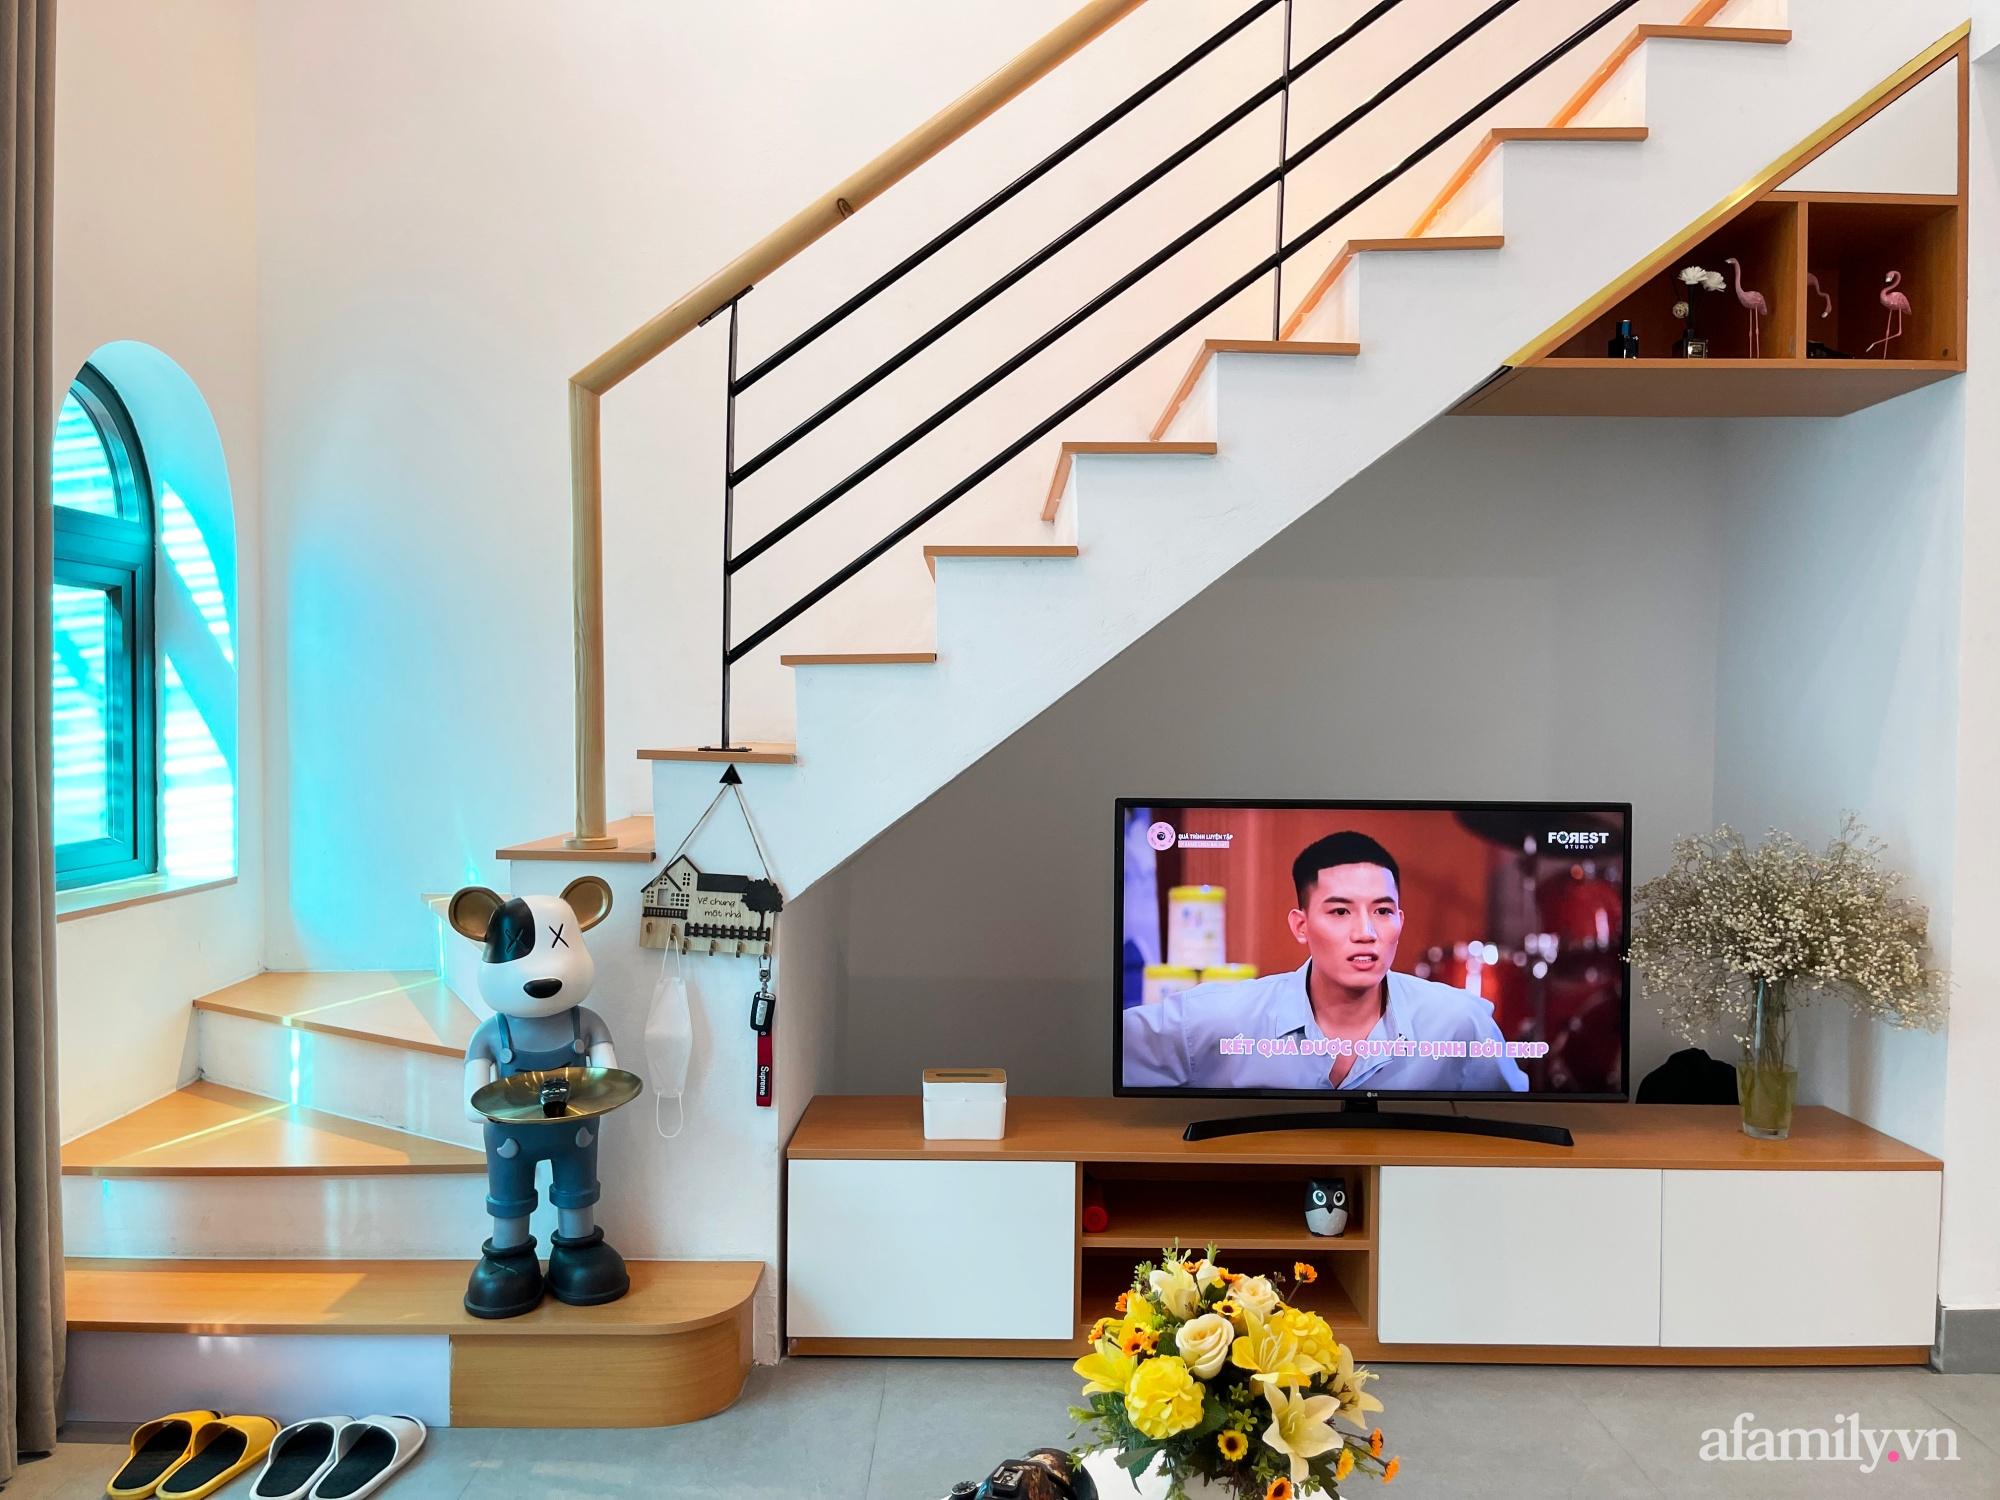 Căn nhà 58m2 được xây dựng đầy đủ chức năng hiện đại của cặp vợ chồng Bắc Ninh có tổng lương 25 triệu/tháng - Ảnh 1.